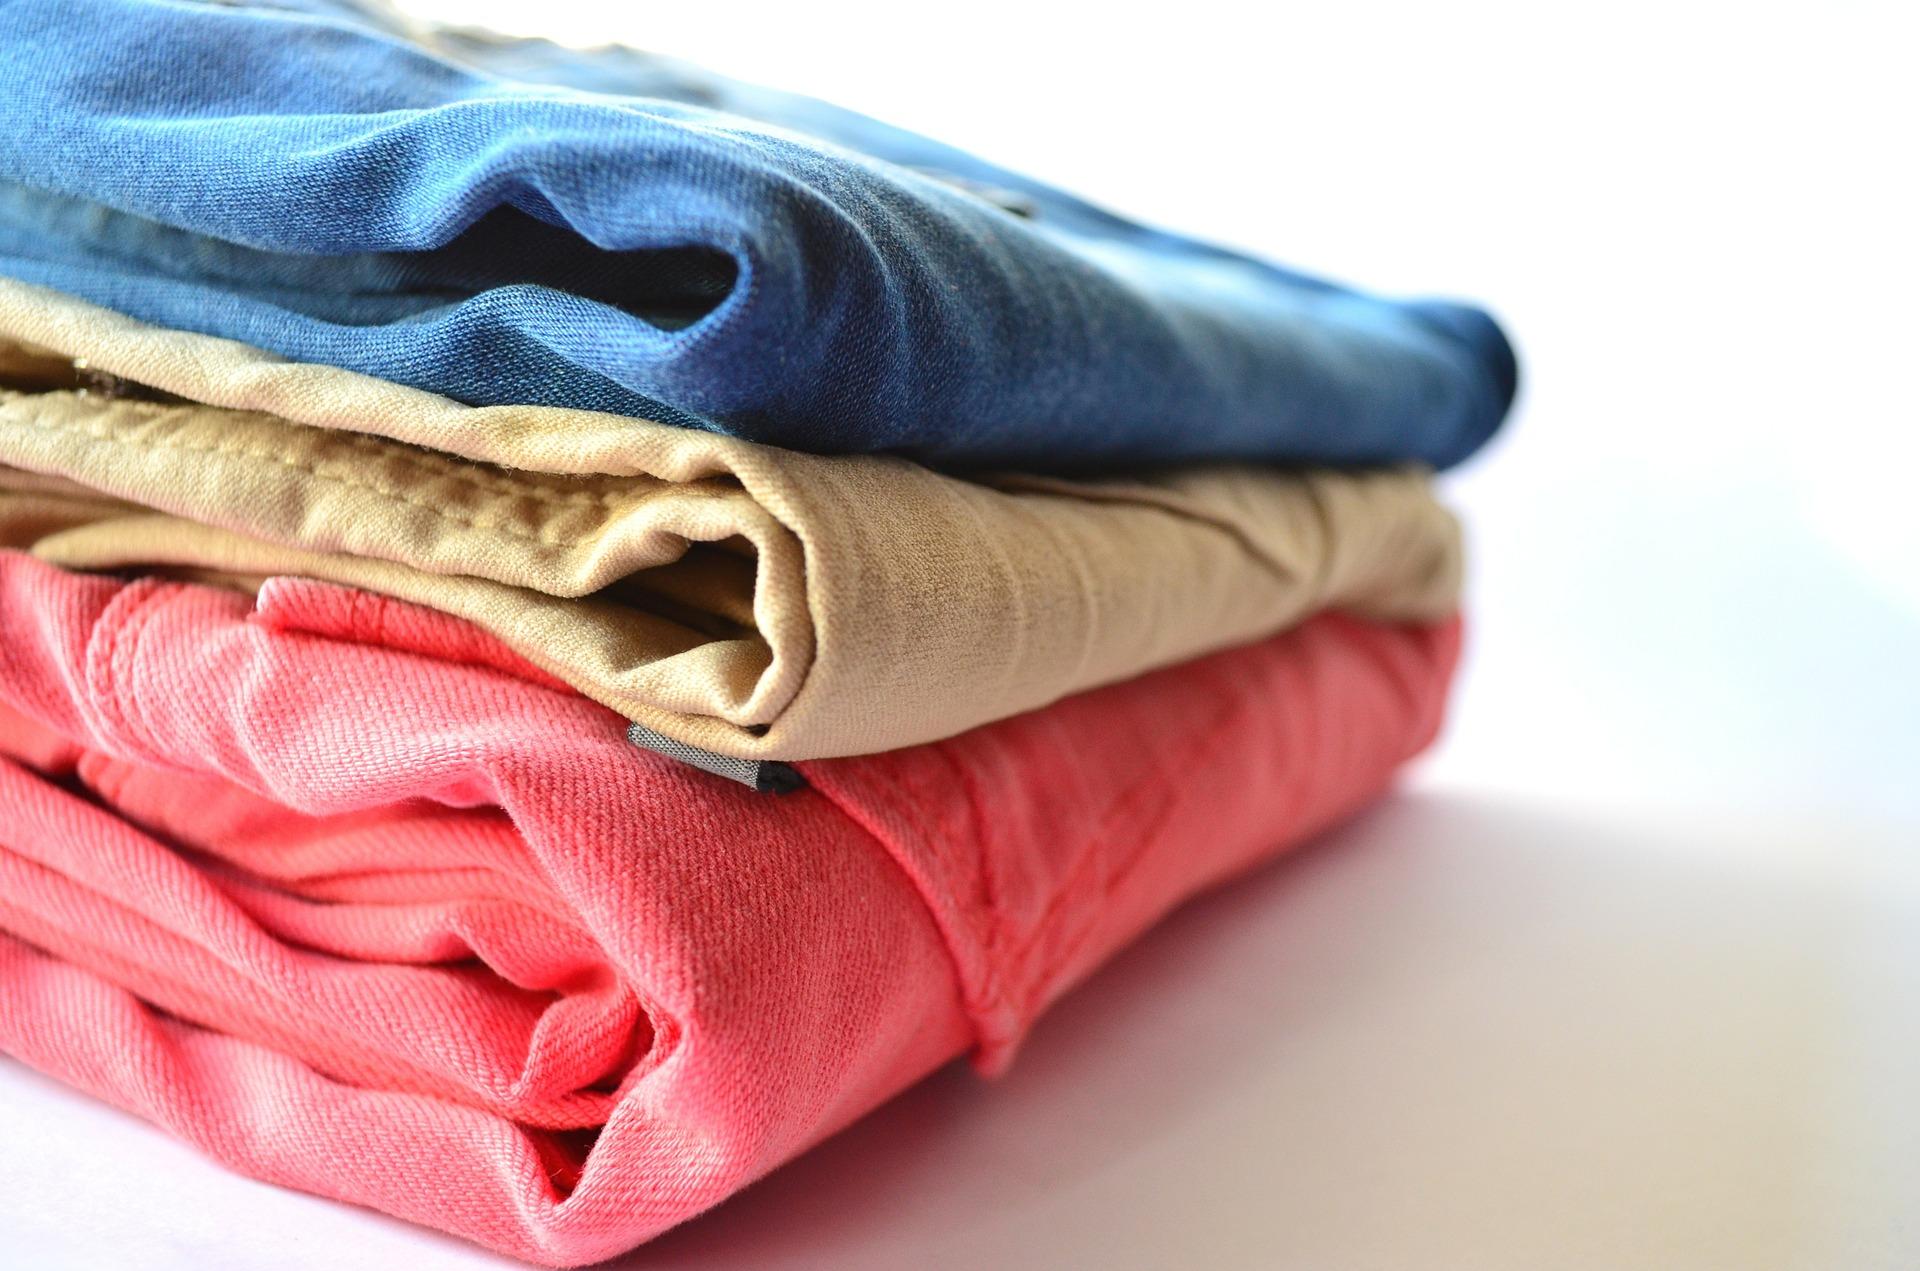 Jak przygotować rzeczy przed oddaniem do pralni? – 4 kroki, za które Ci podziękują